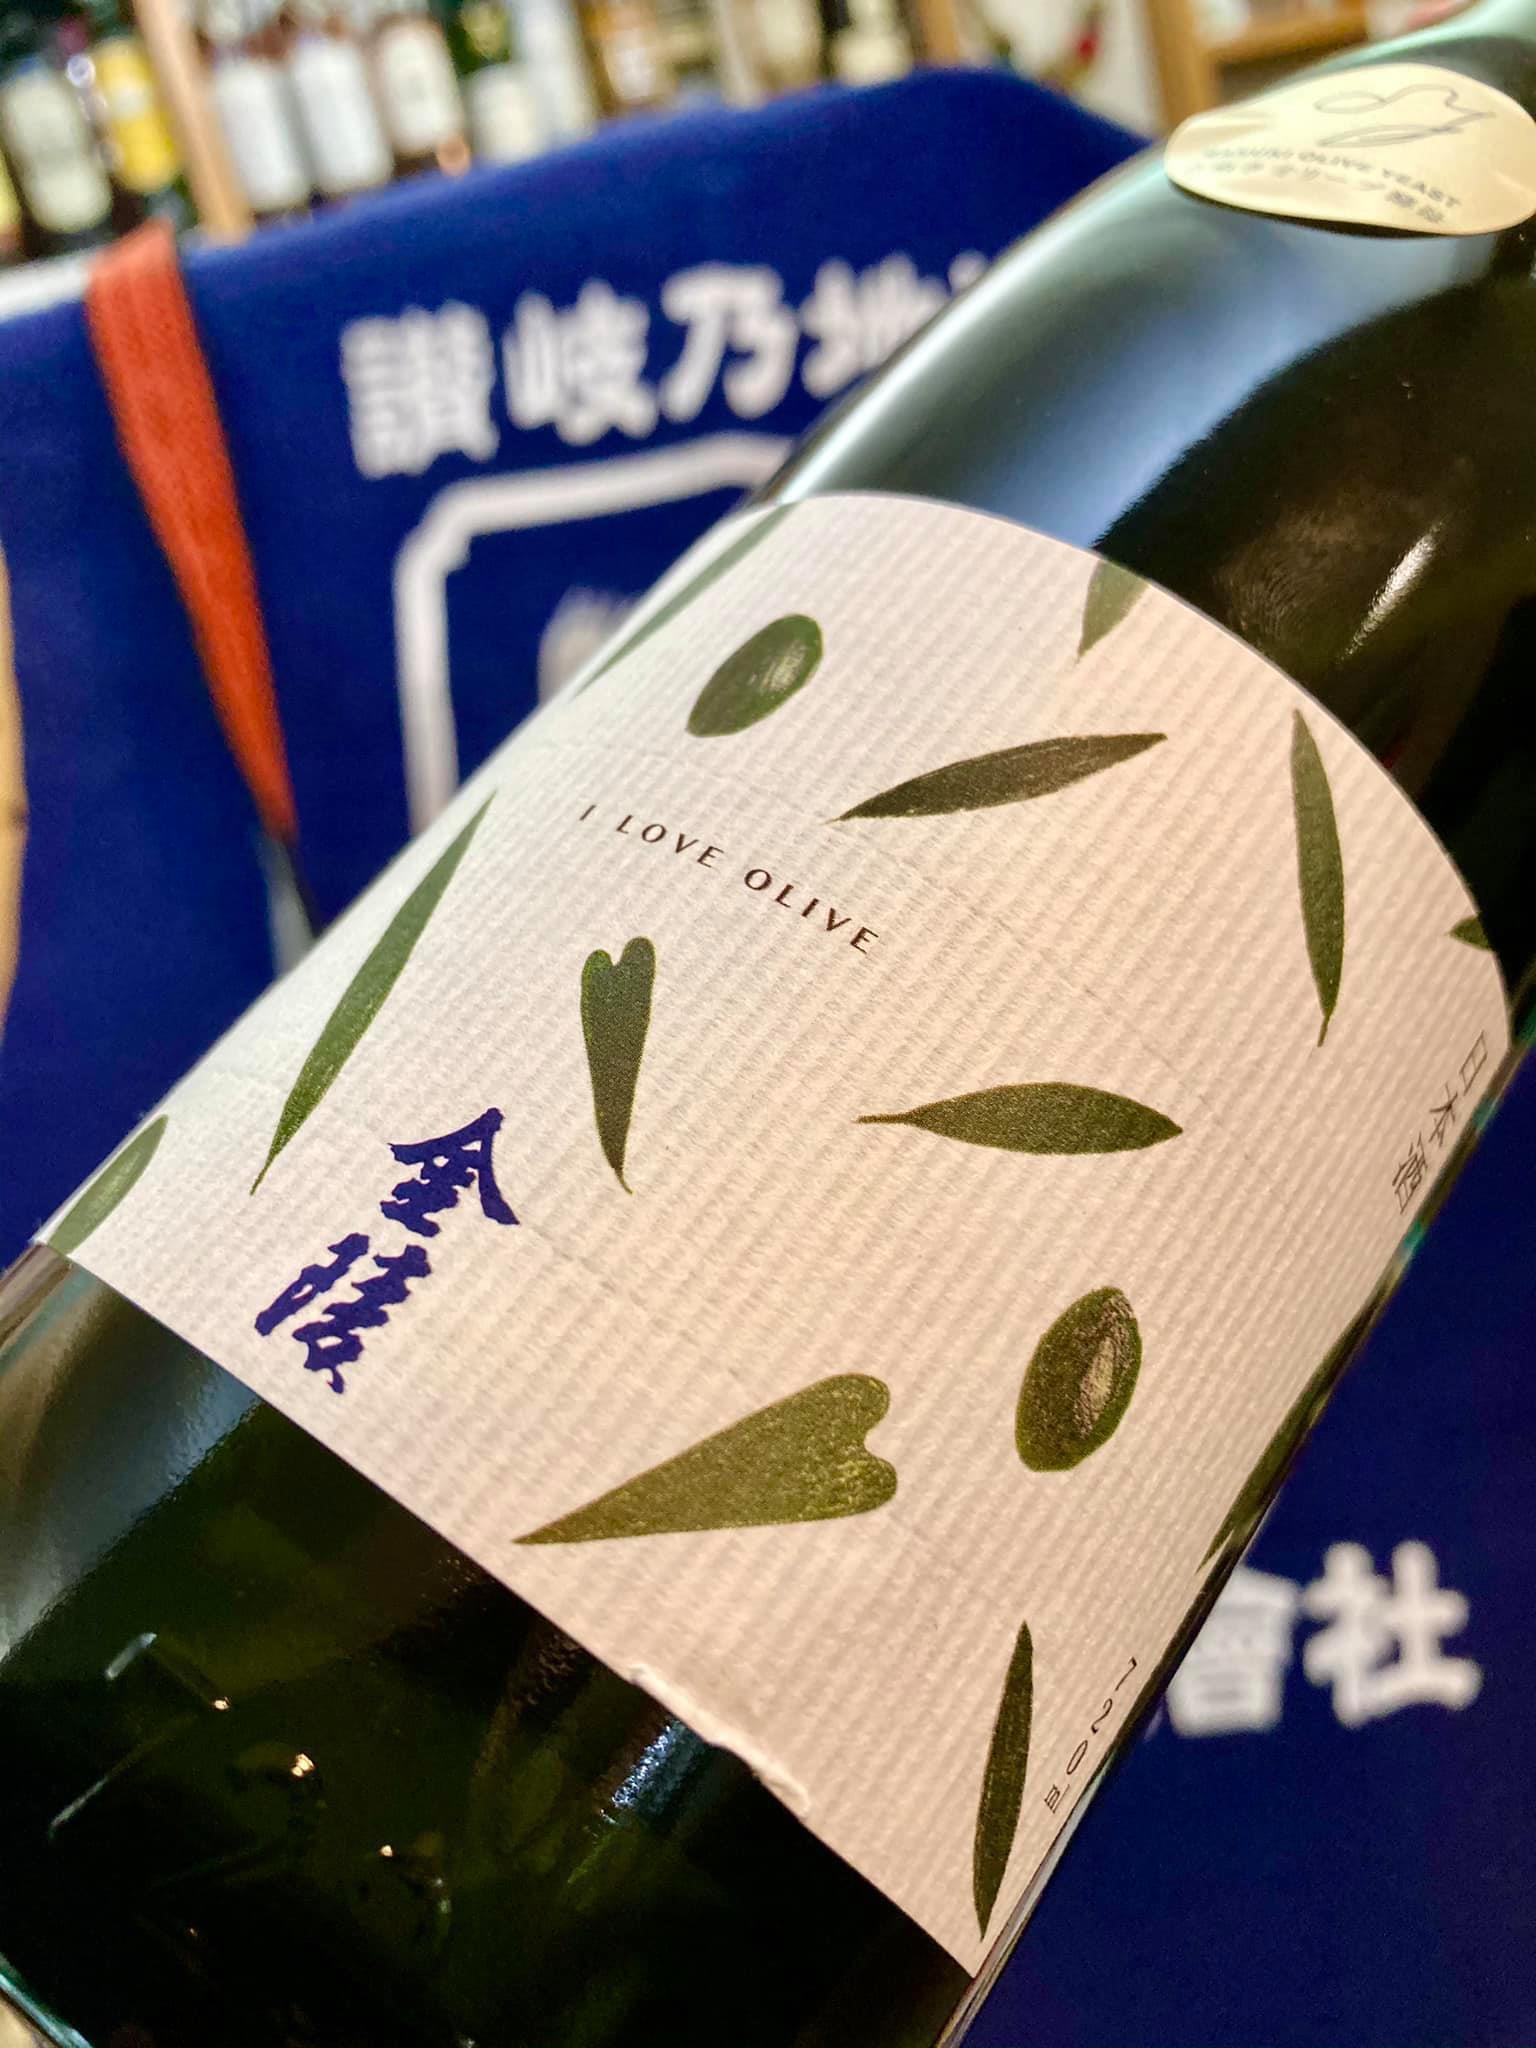 香川県【西野金陵】さんおめでとう御座います!『金陵 瀬戸内オリーブ 純米吟醸』